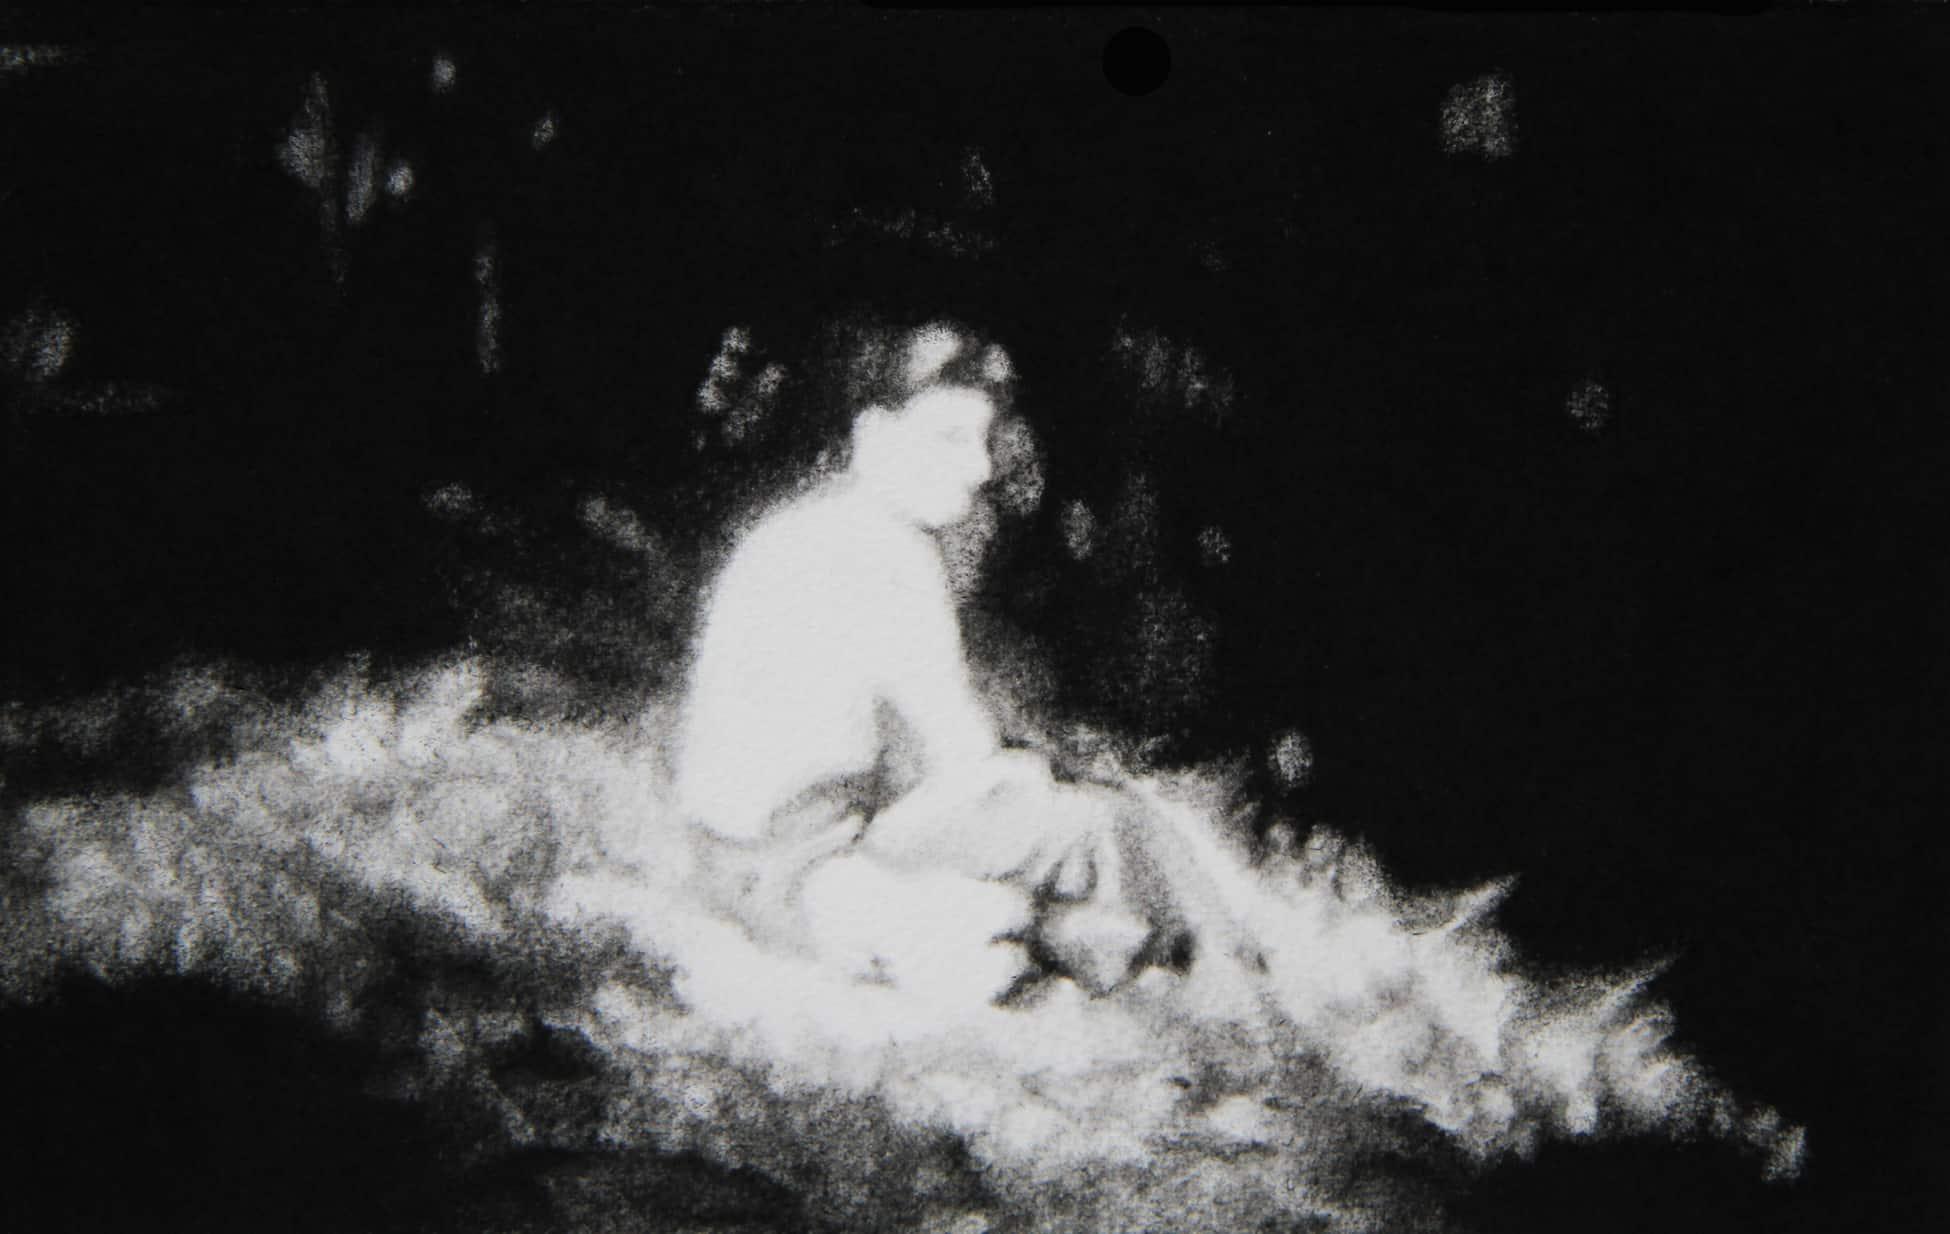 © Mathieu Dufois, Hors vue 14, dessins à la pierre noire, 16,5 x 25 cm, 2019. Courtesy Galerie C.site